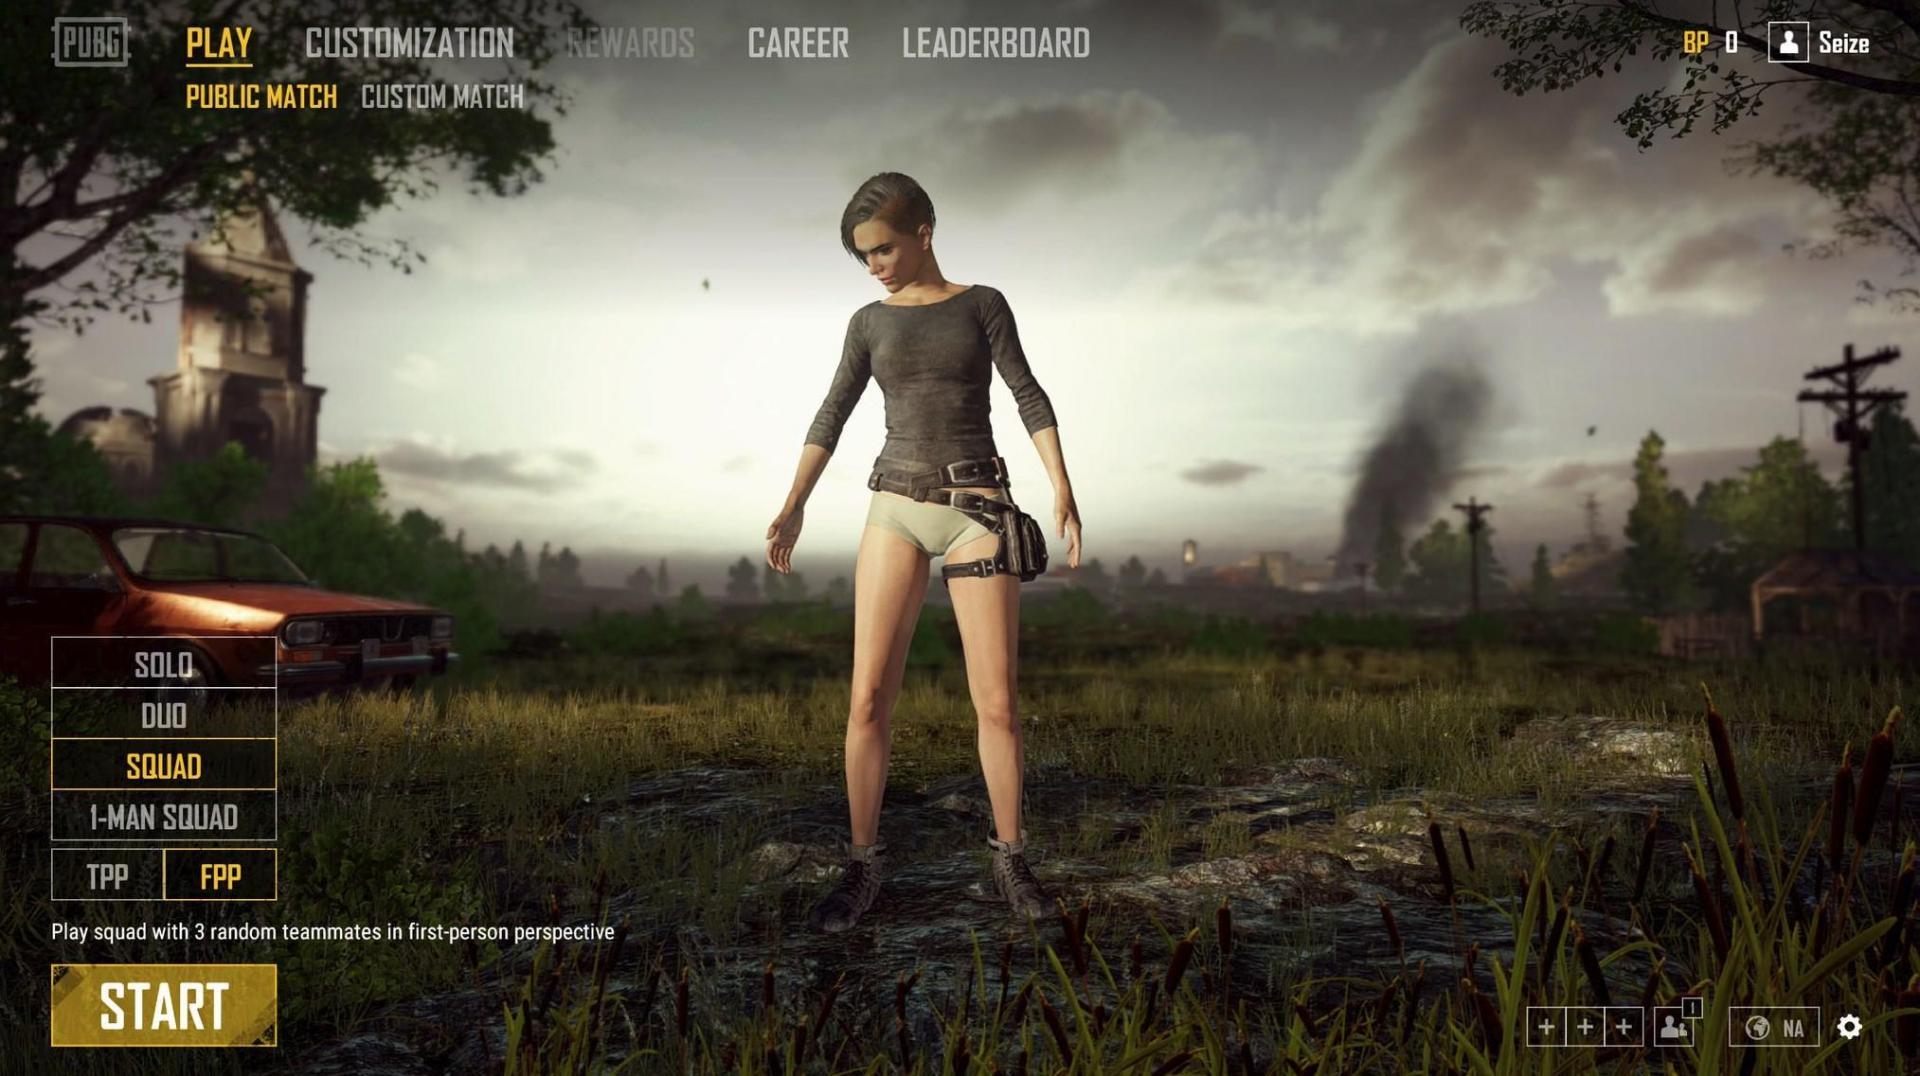 Разработчики PUBG извиняются за слишком красивые женские тела в игре